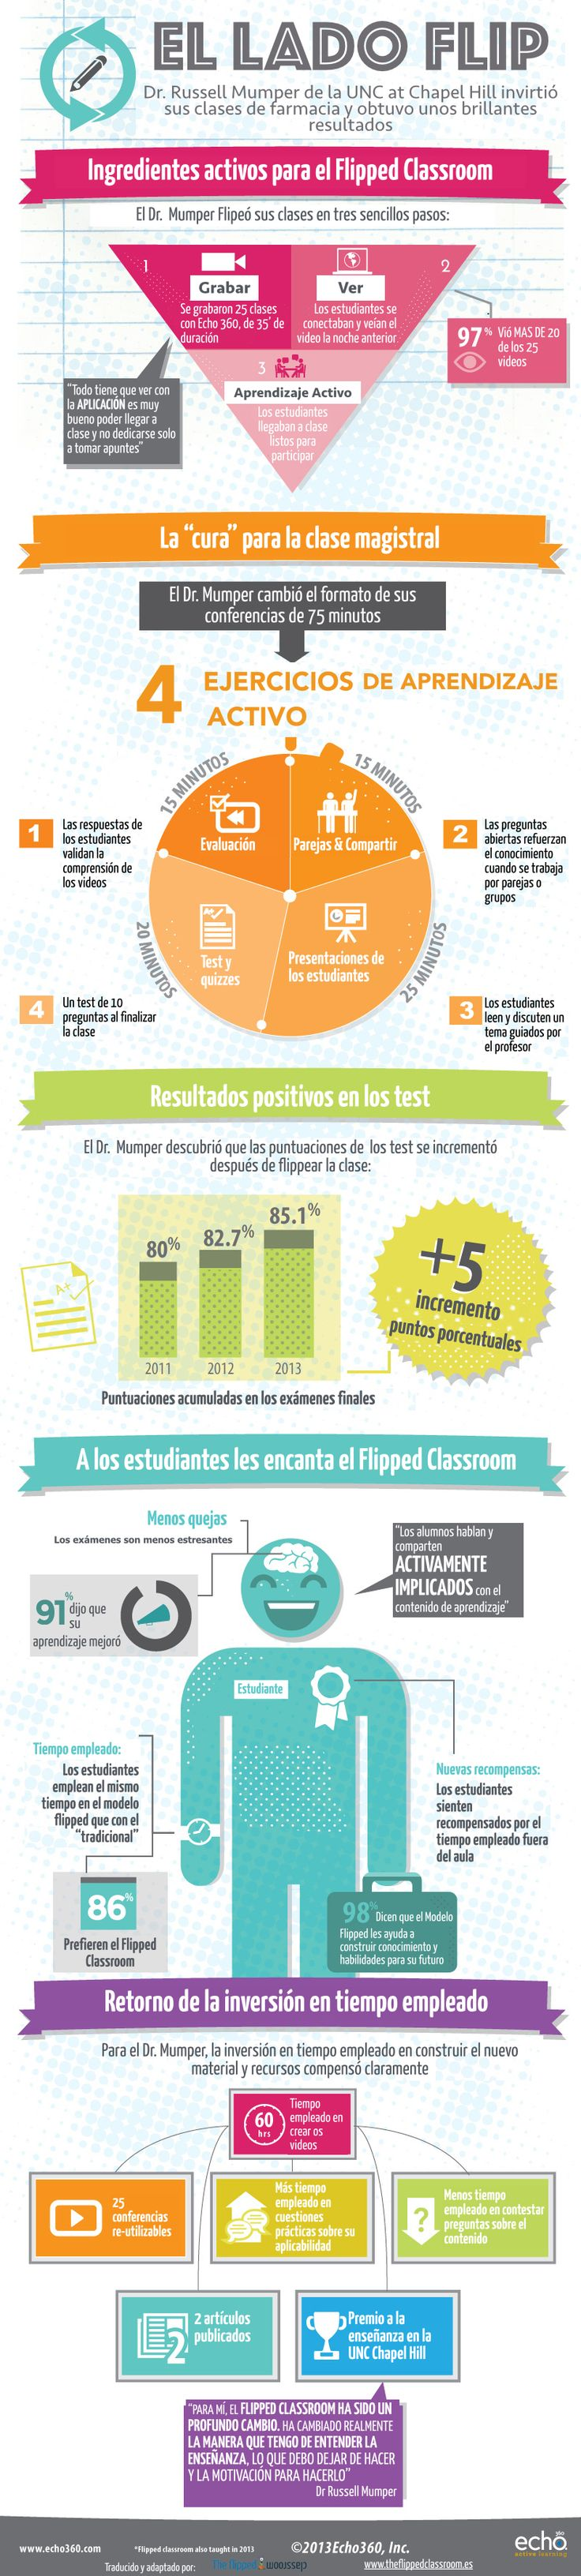 """Hola: Una infografía sobre El Lado Flip: caso de éxito de """"The Flipped Classroom"""". Vía Un saludo"""